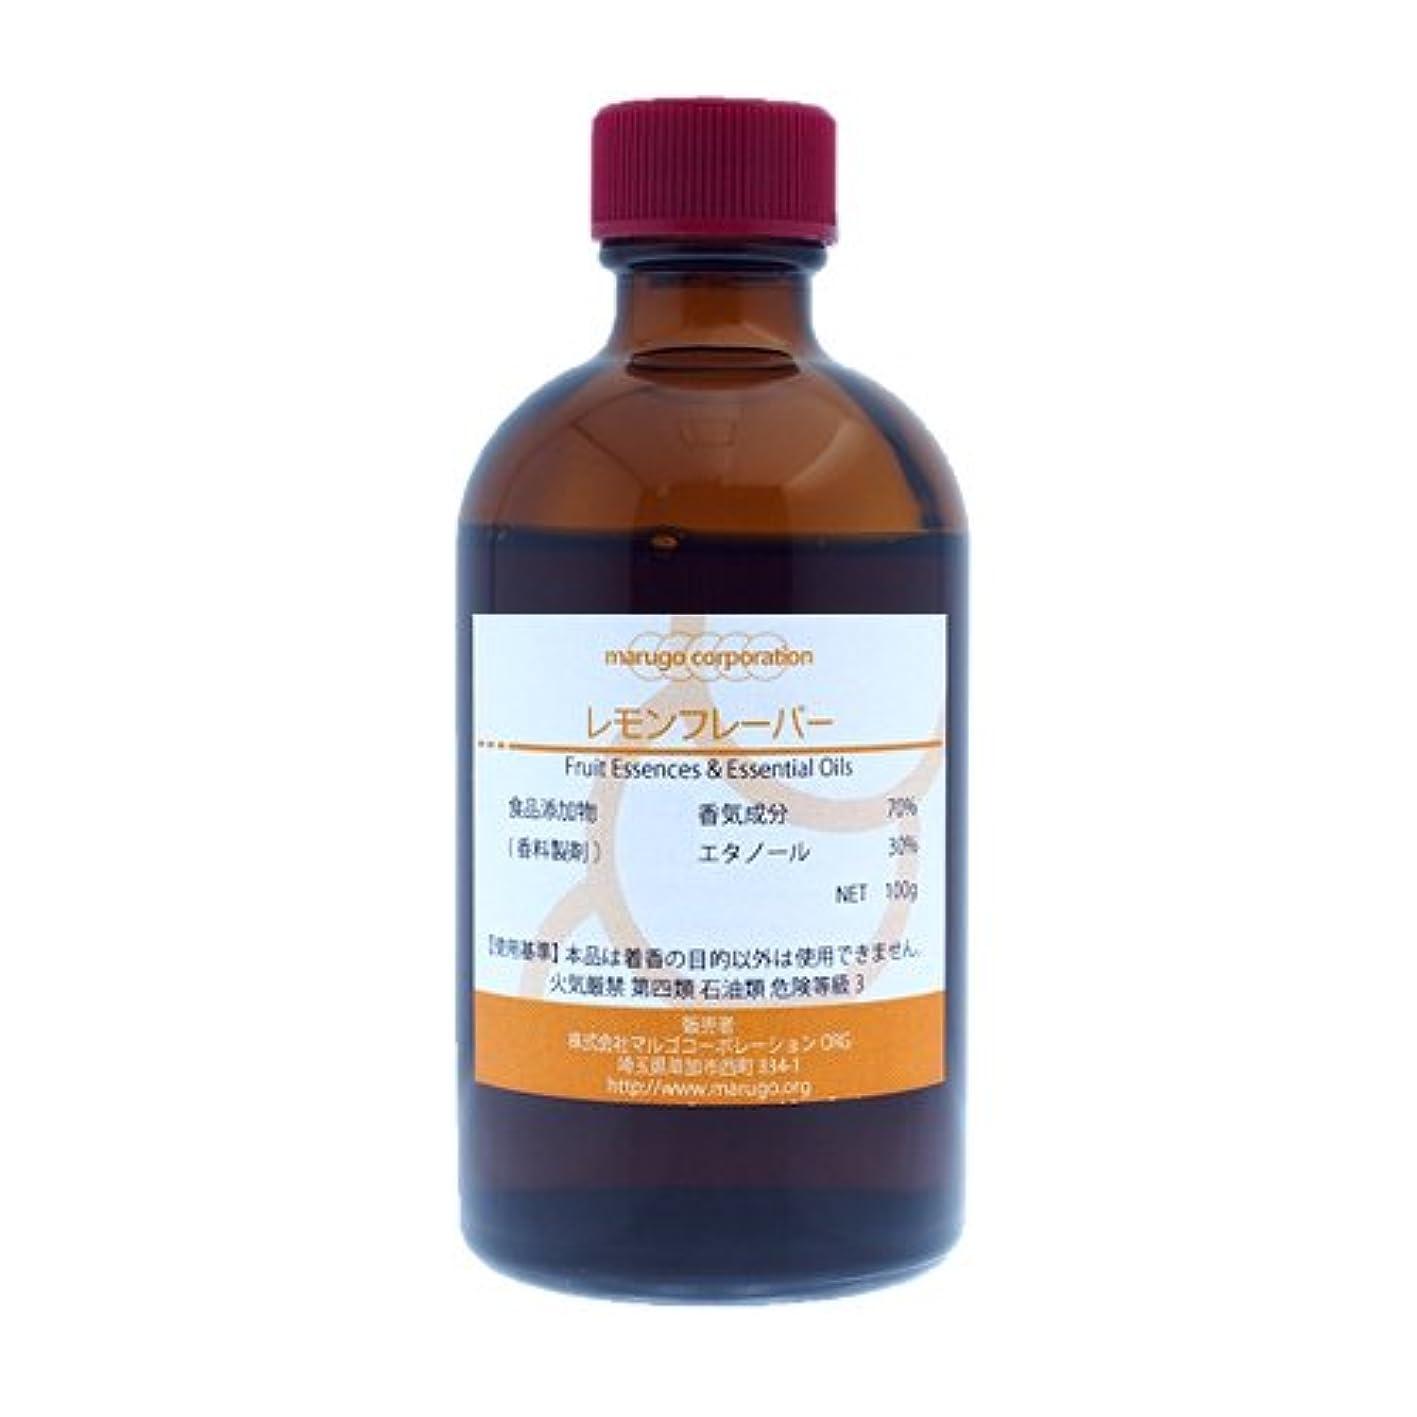 割り当てる規定環境に優しいmarugo(マルゴ) 国内製造 レモンフレーバー 食品香料 (100g) 水溶性香料 製菓?製パン等の香り付けに